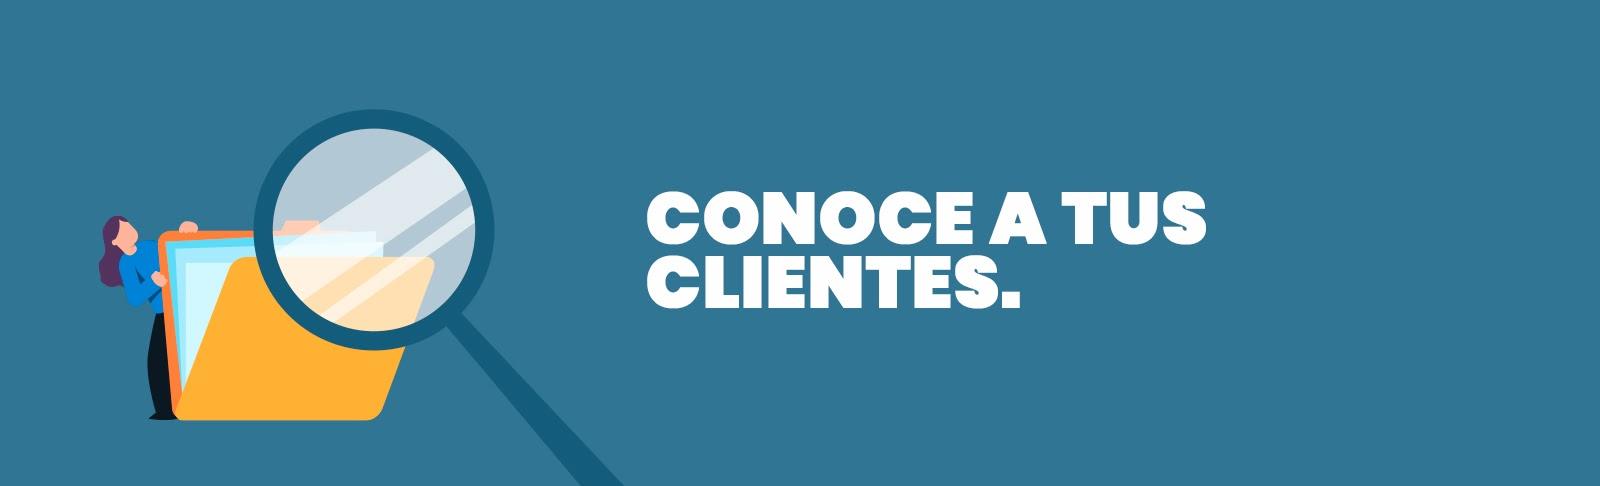 Ecommerce clientes